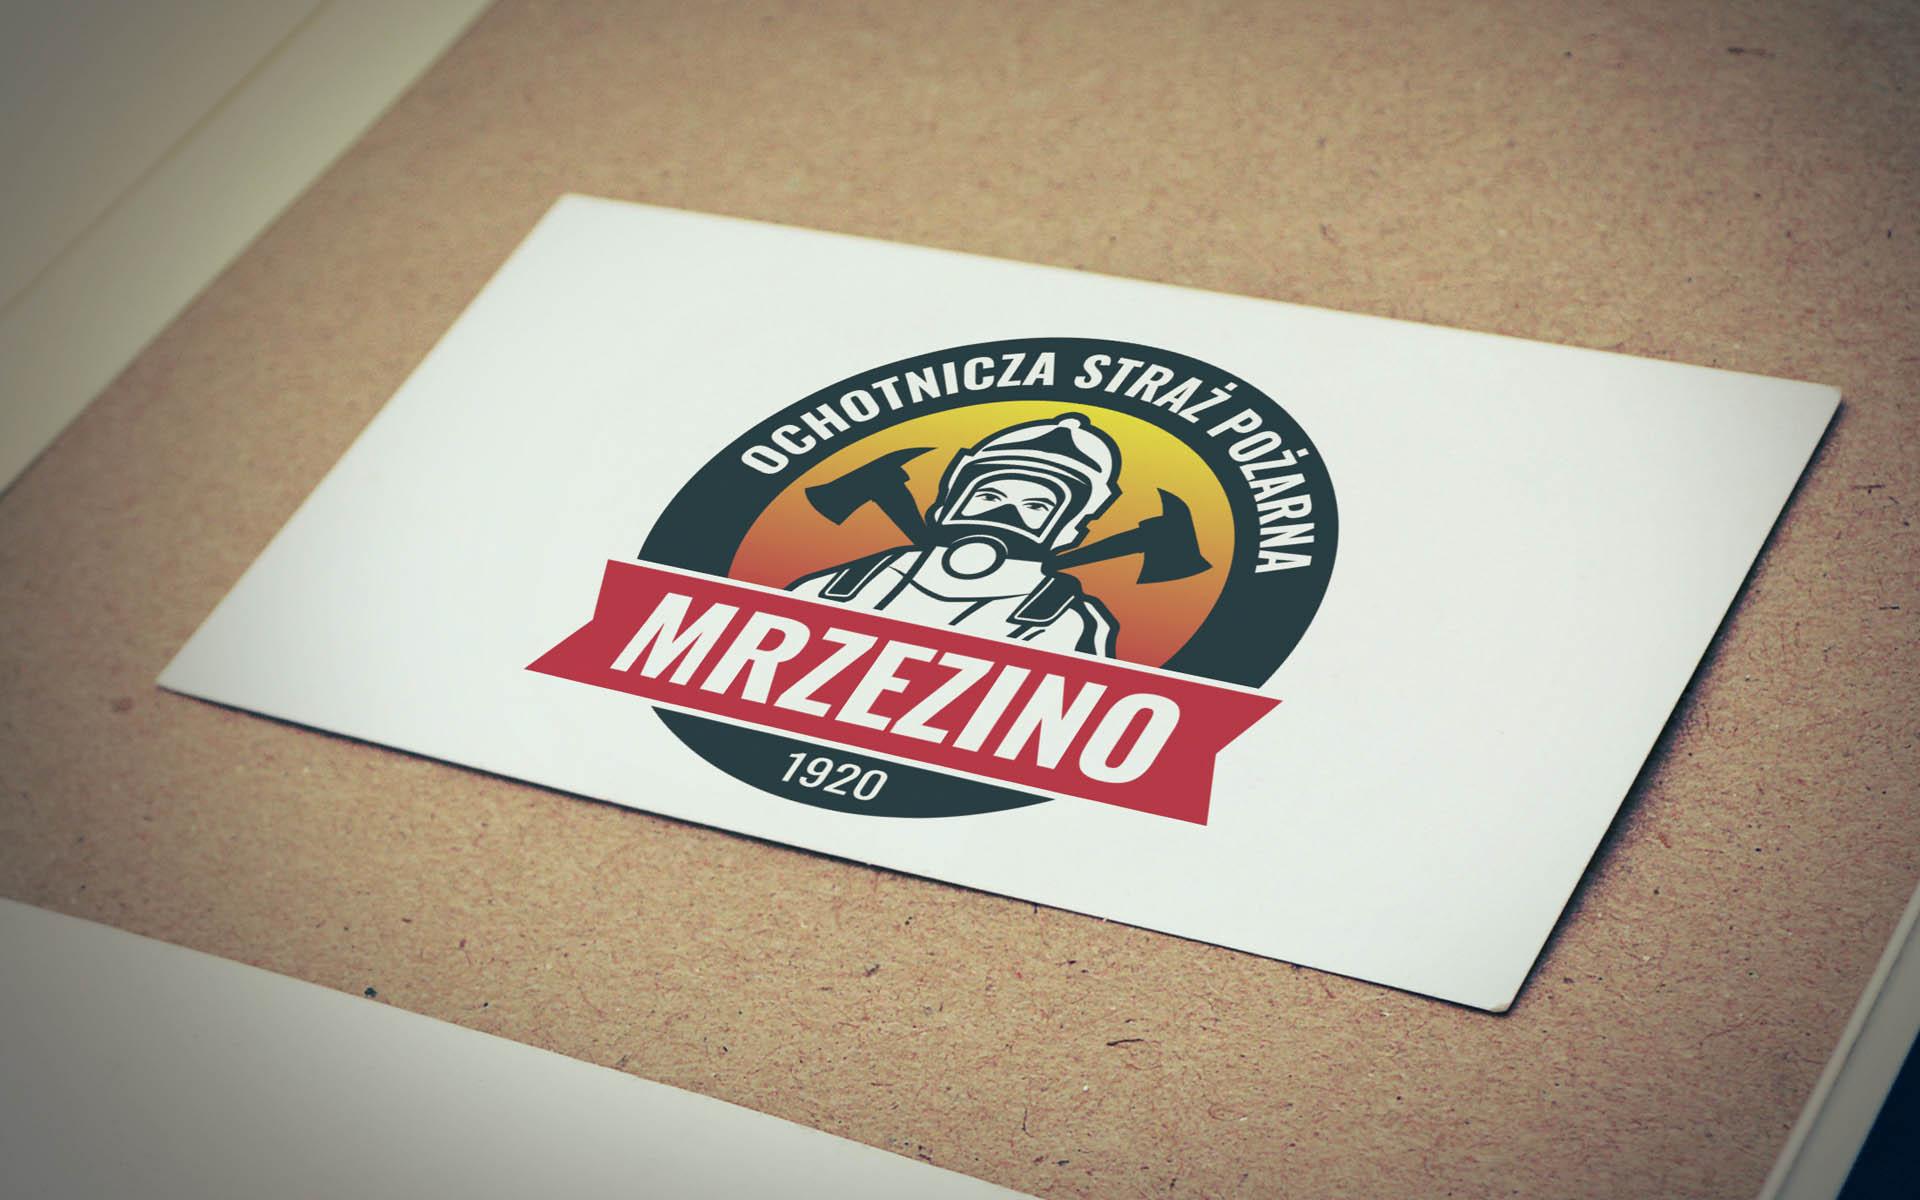 logo_OSP-MRZEZINO_v1-bw